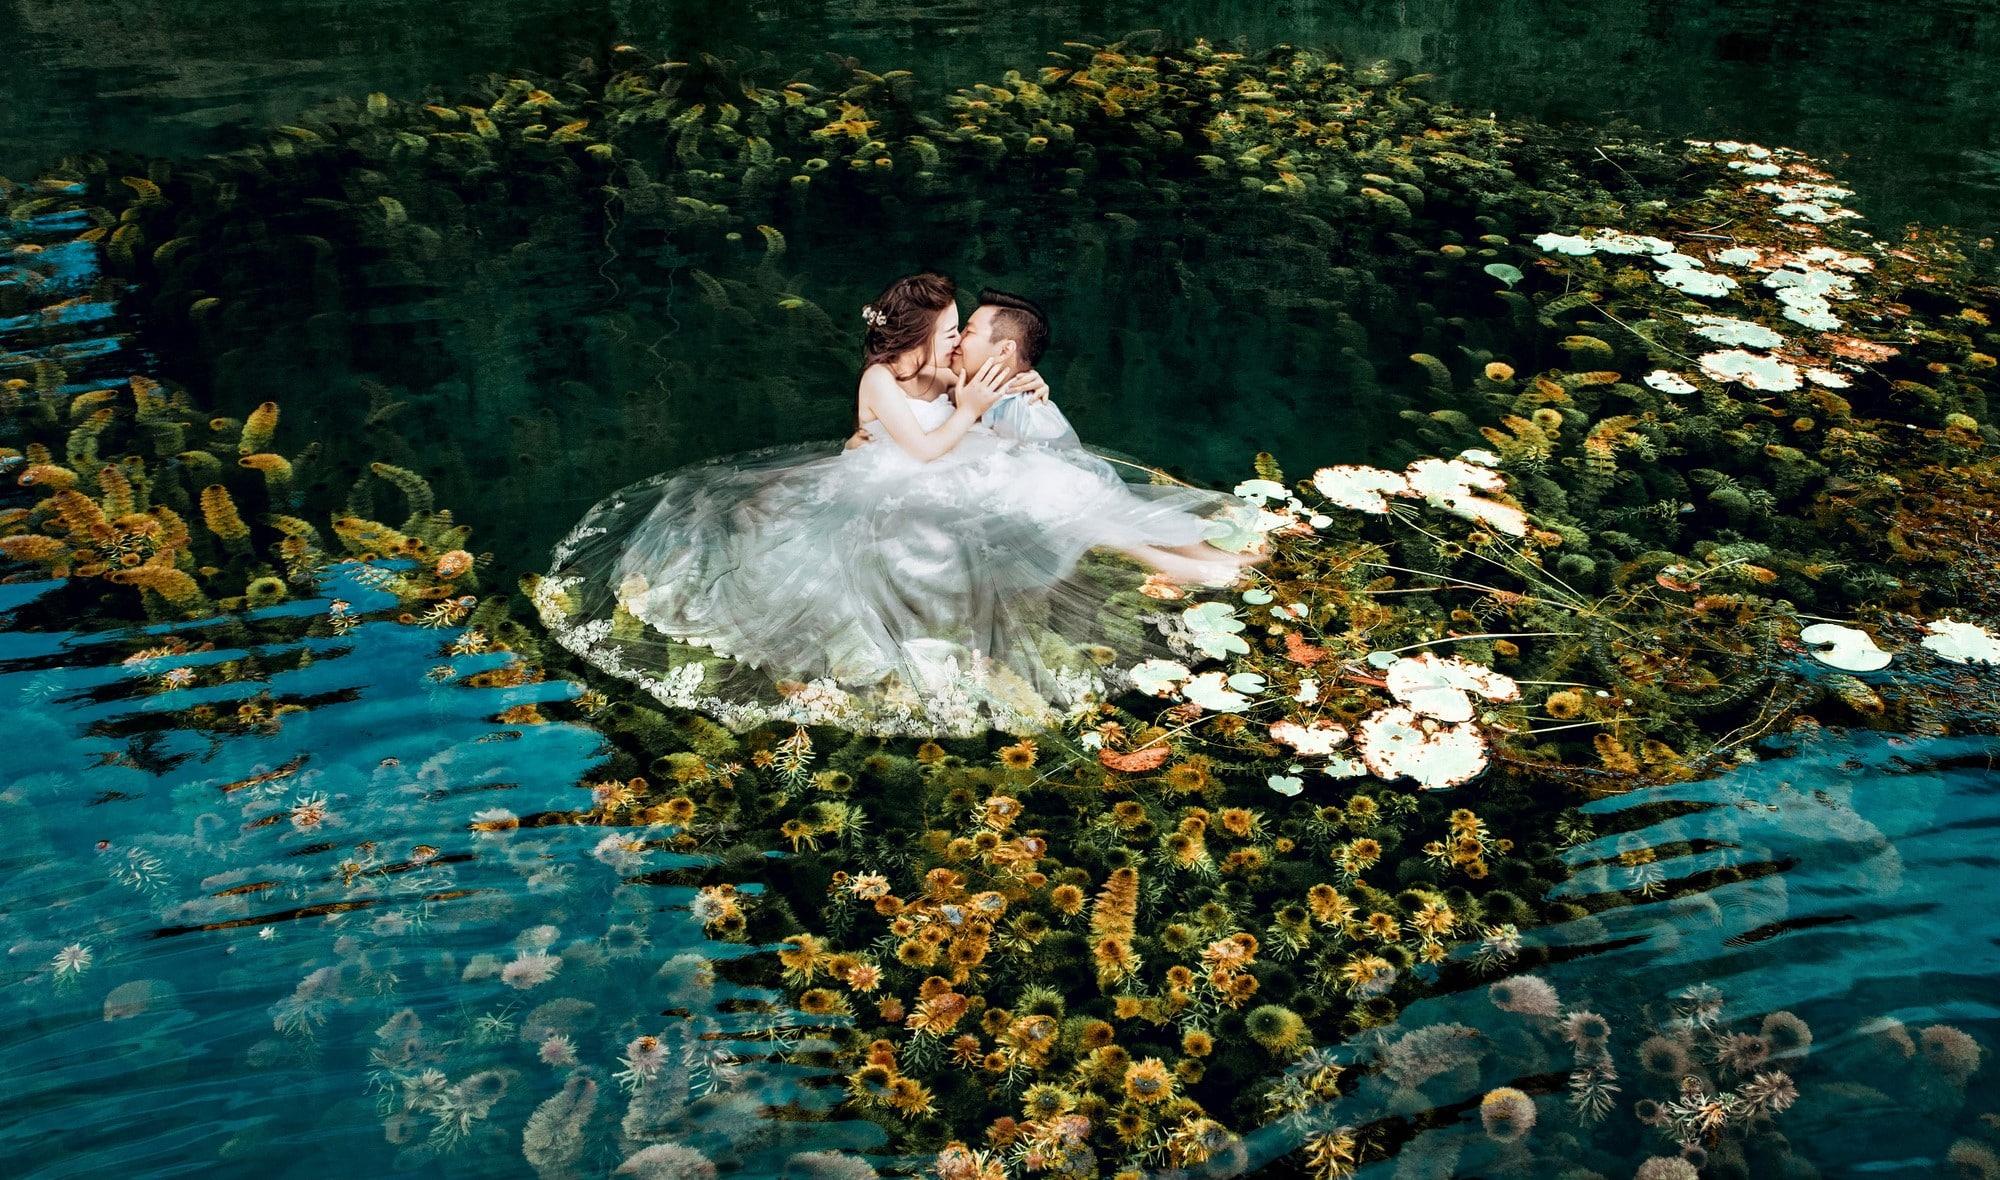 Các bạn nên chọn những nơi có rong rêu để tạo hiệu ứng tuyệt đẹp cho bức ảnh